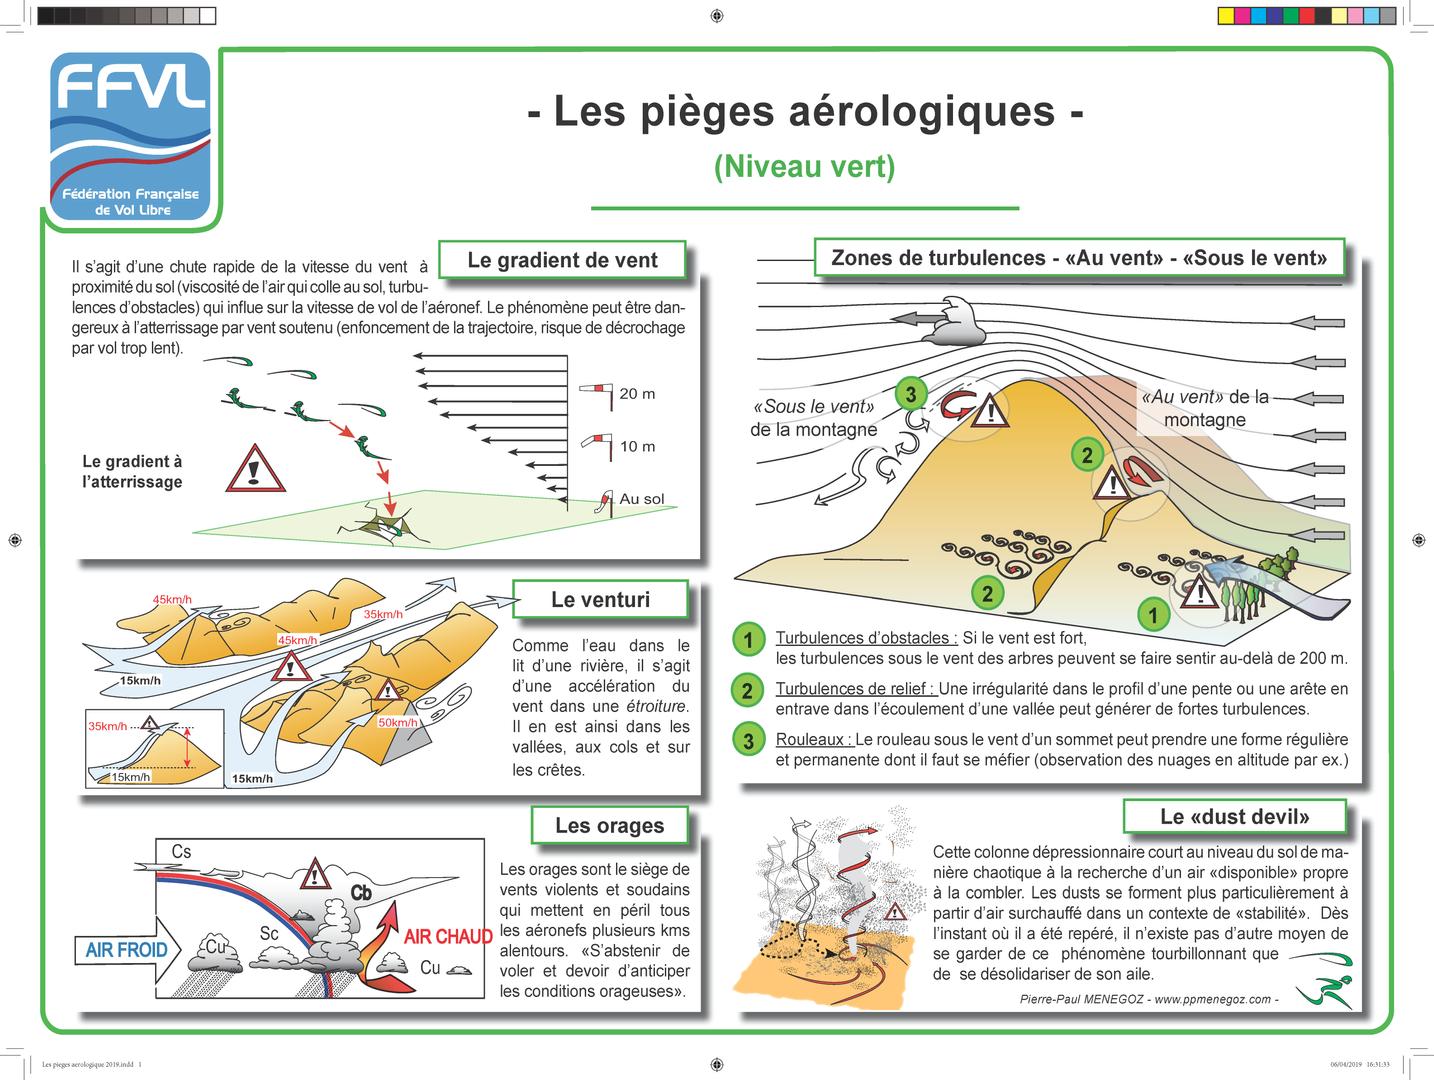 5-Les pieges aerologiques 2019.